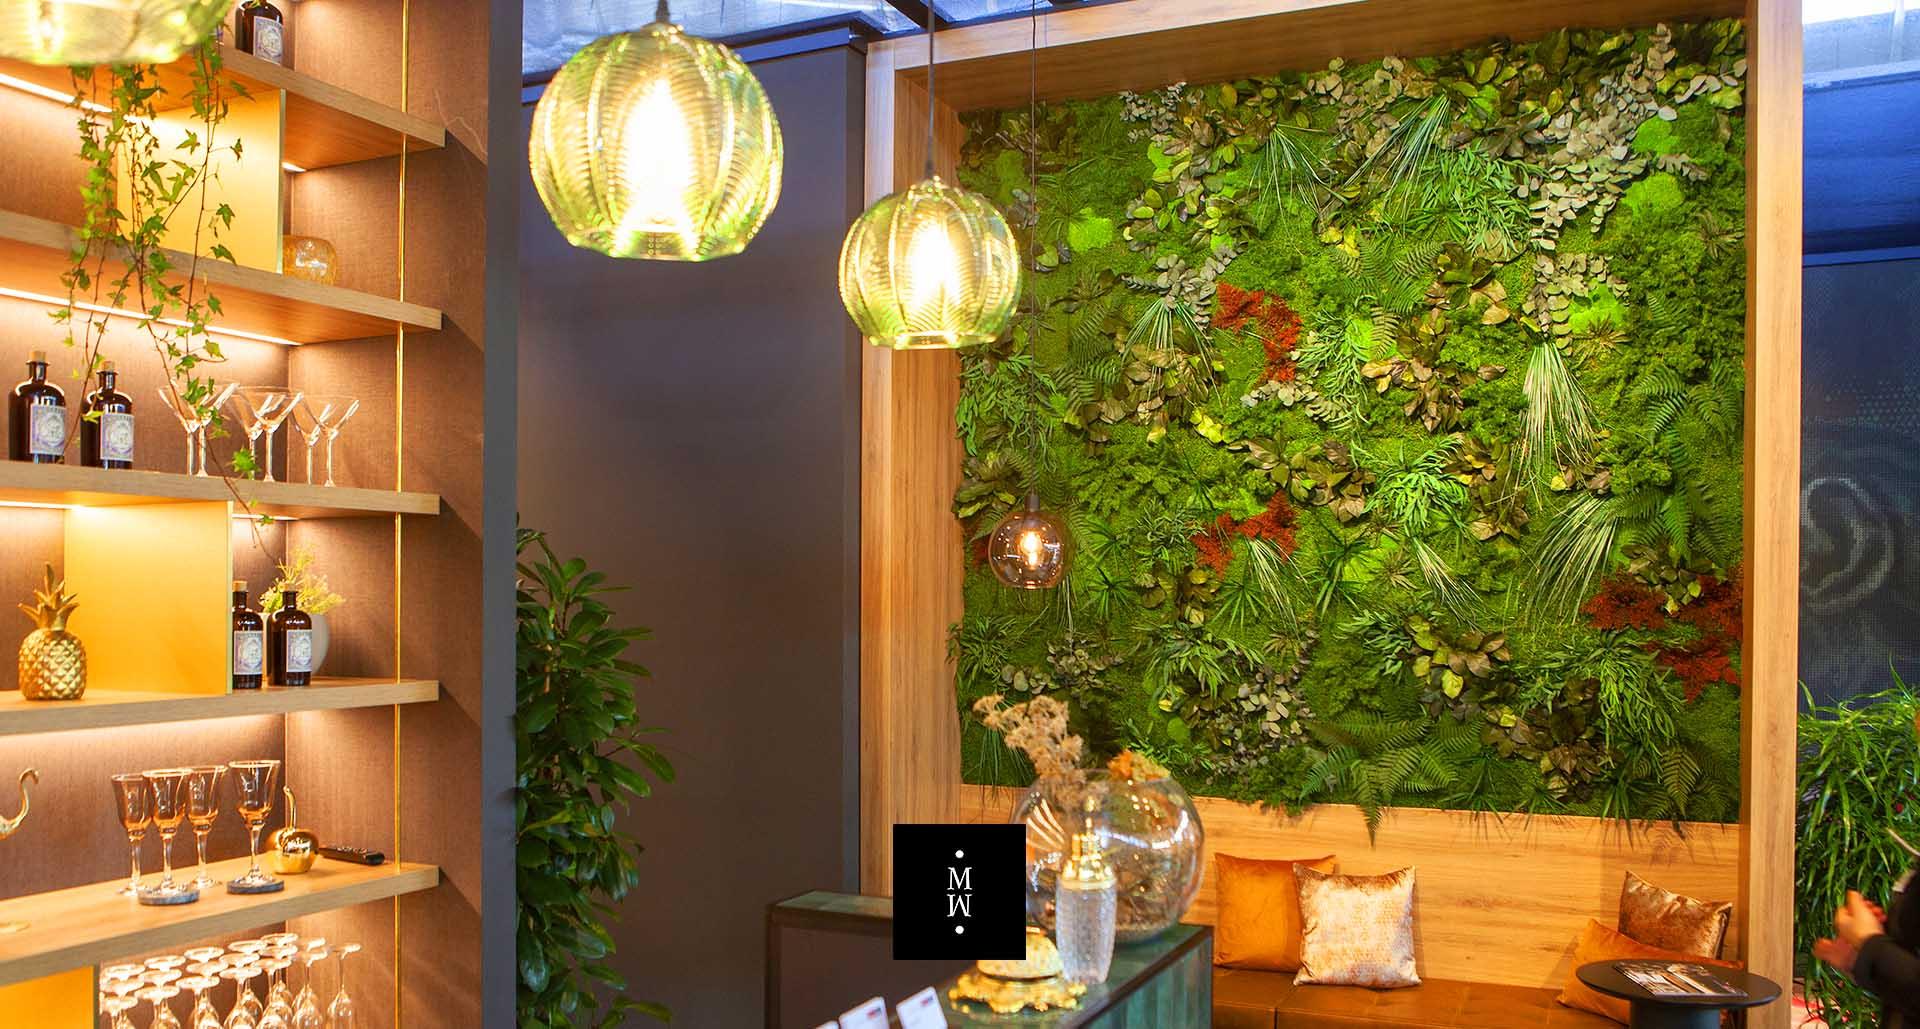 Dschungelmooswand in einer Bar